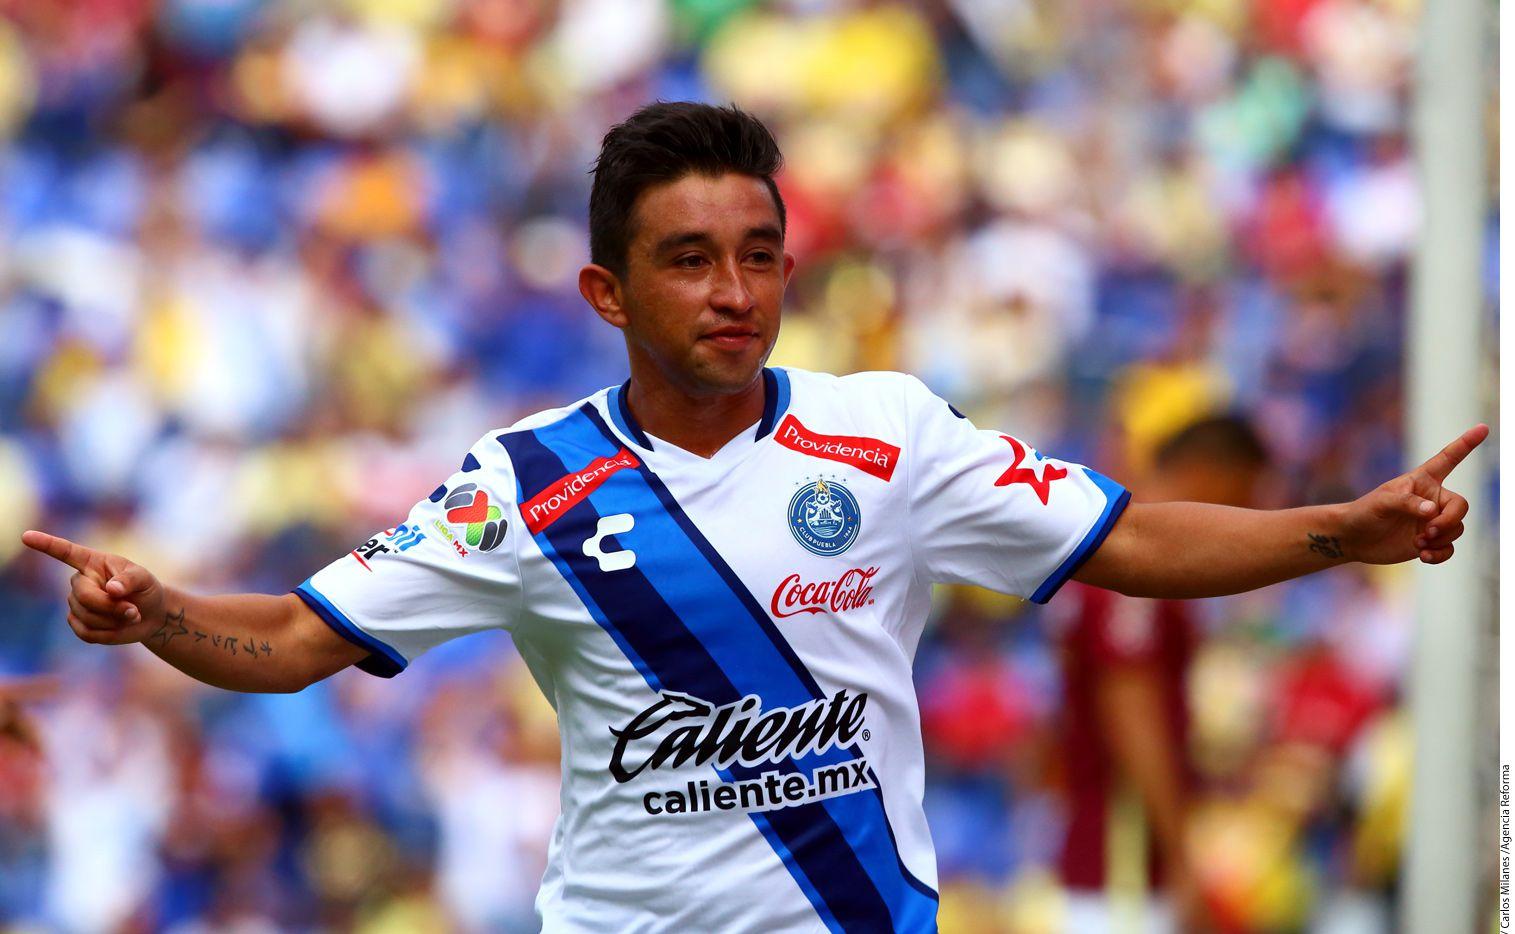 El futbolista Christian Bermúdez Gutiérrez fue detenido el 24 de agosto en Puebla al salir del entrenamiento de Los Camoteros./AGENCIA REFORMA